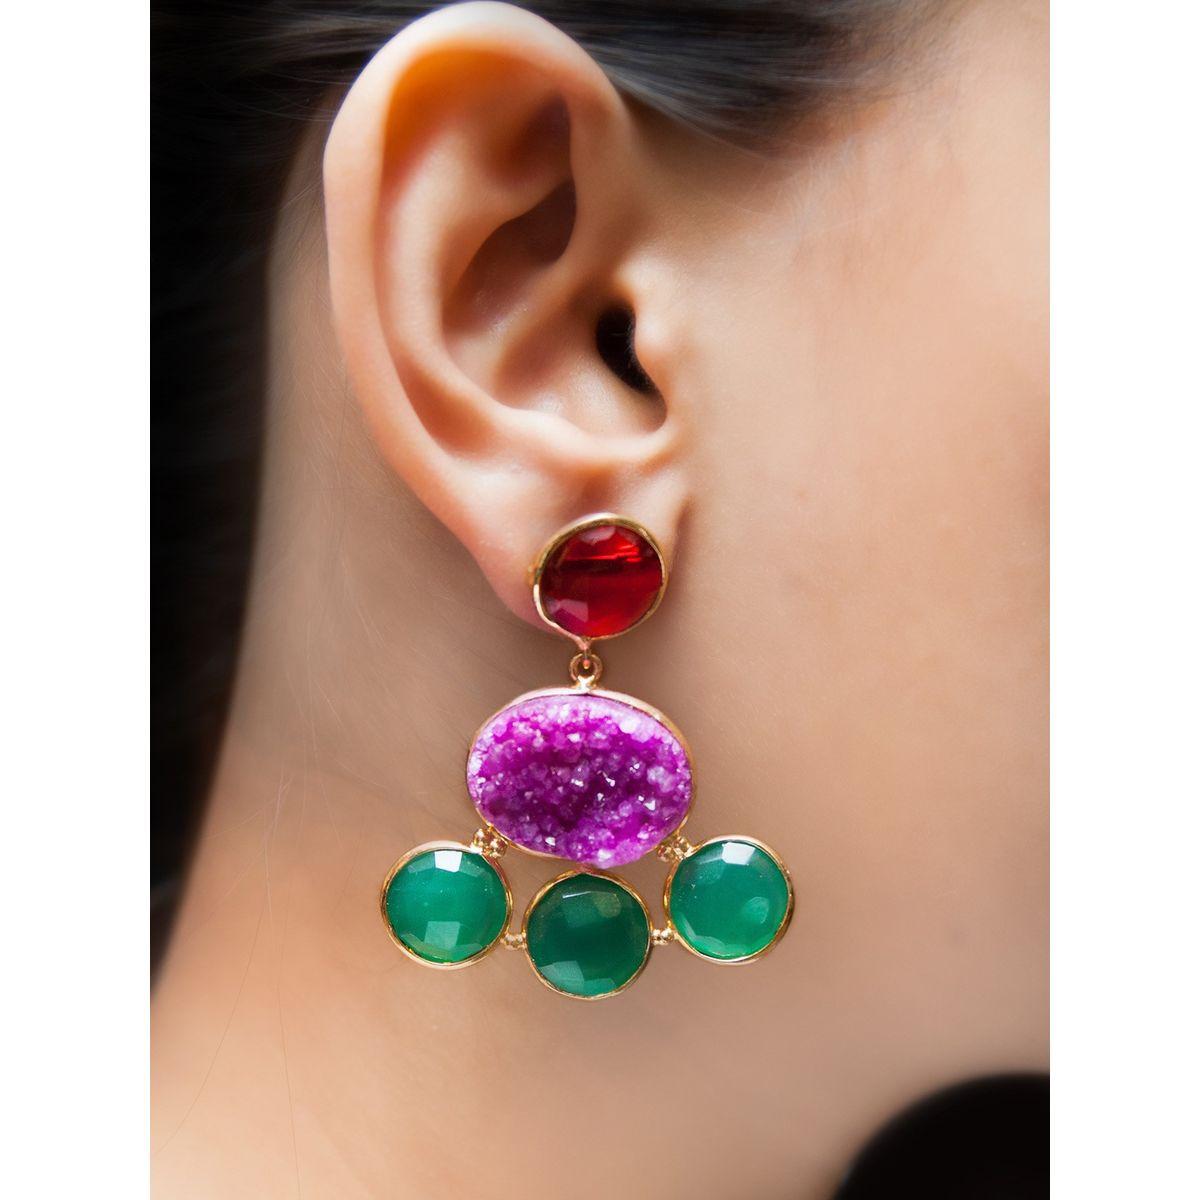 Heliospheric Wave earrings